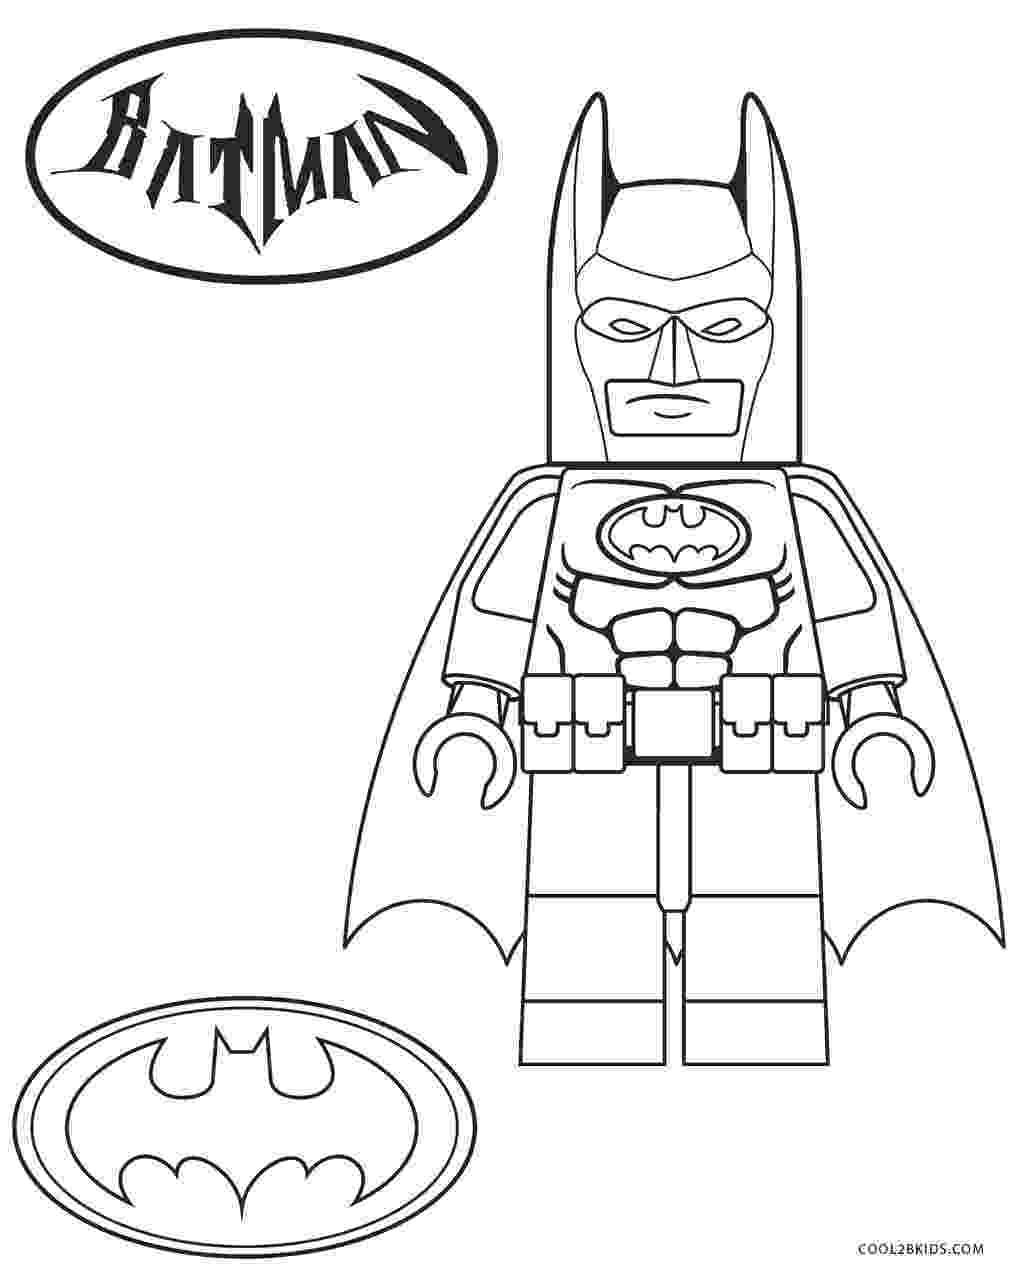 coloring page lego kids page lego ninjago coloring pages lego page coloring